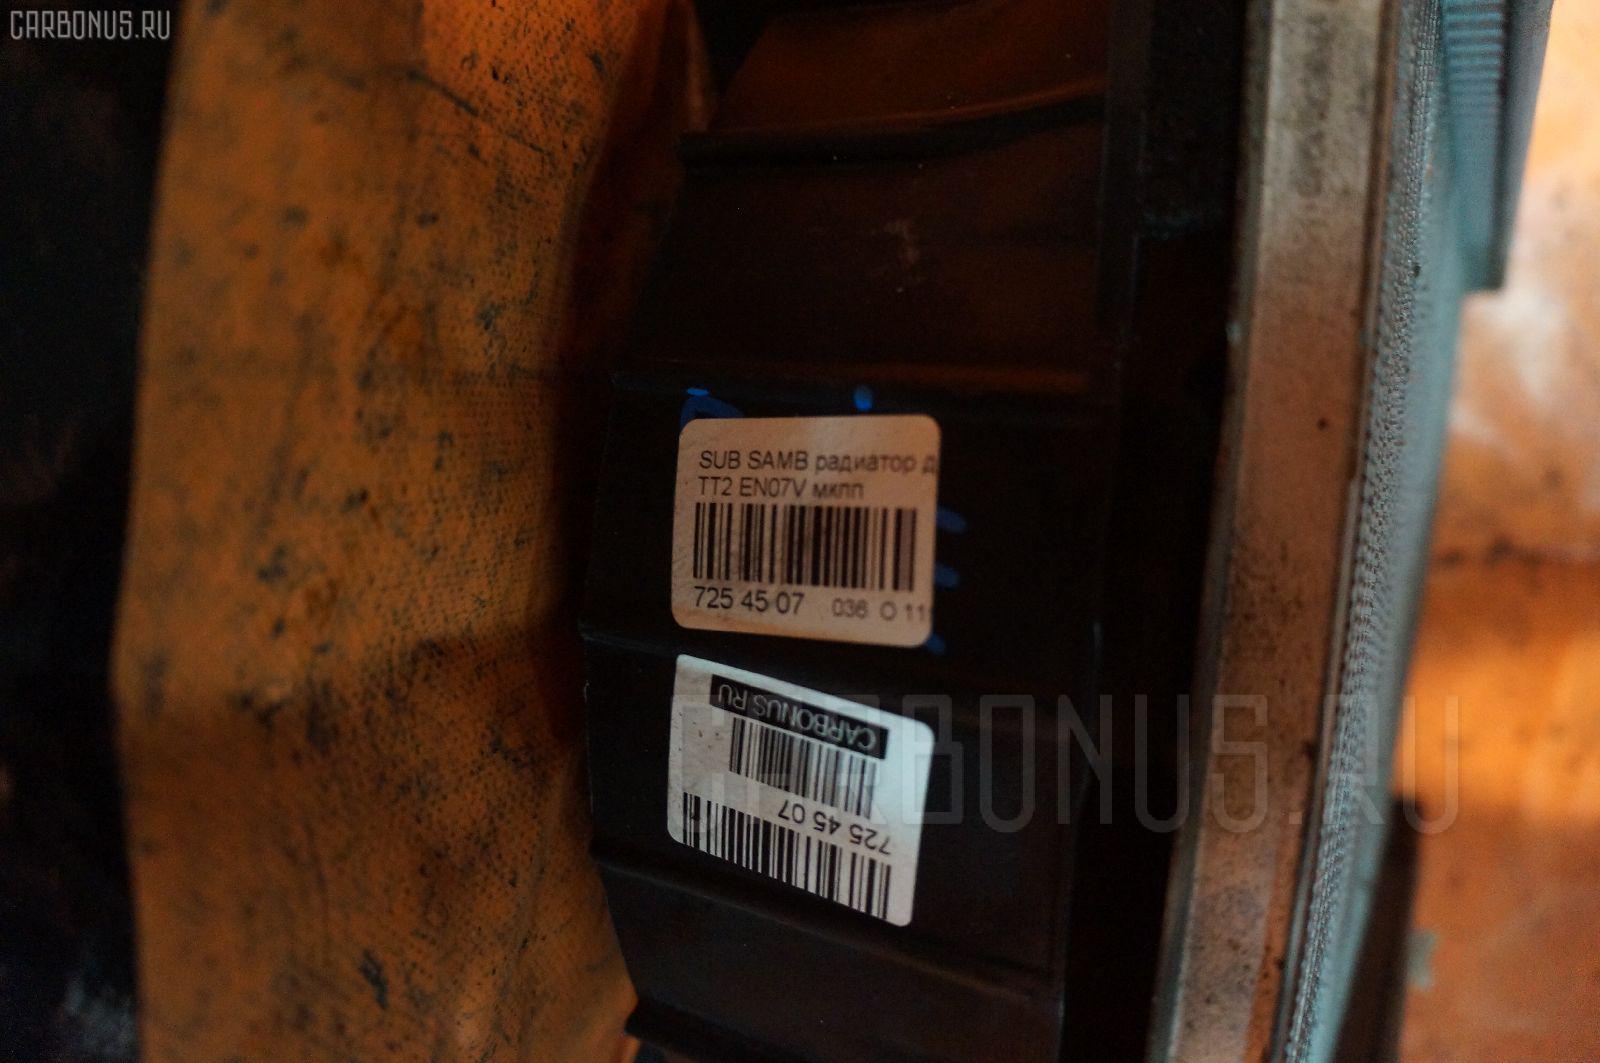 Радиатор ДВС SUBARU SAMBAR TT2 EN07V Фото 5